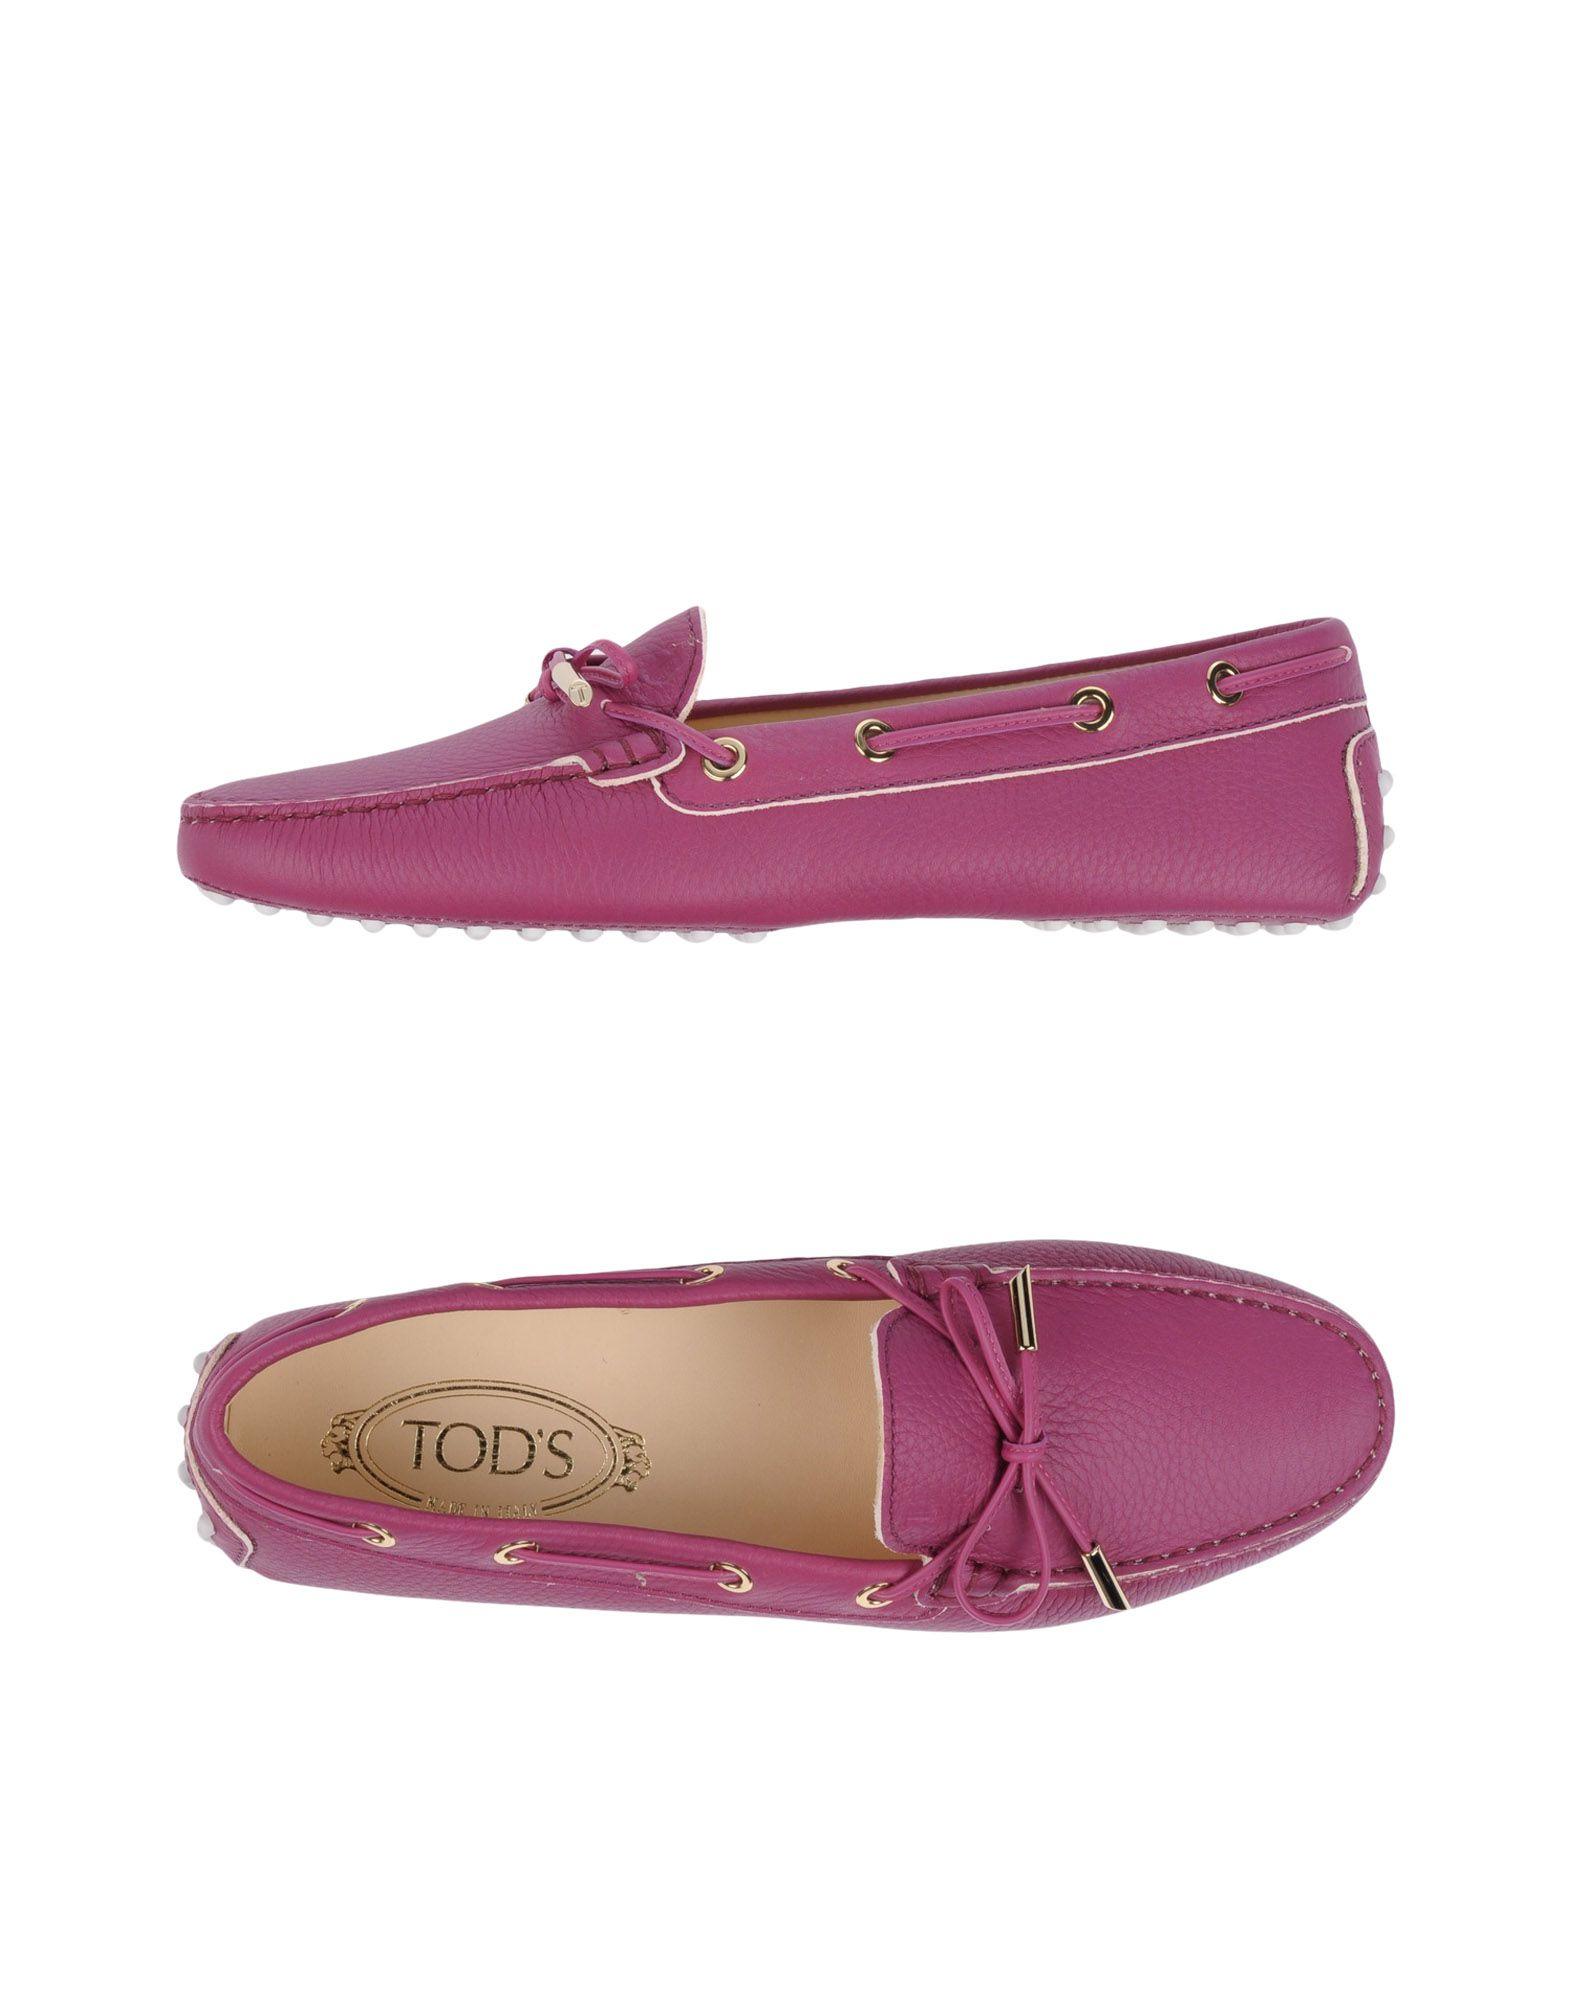 Tod's Mokassins Damen  11157828VFGut aussehende strapazierfähige Schuhe